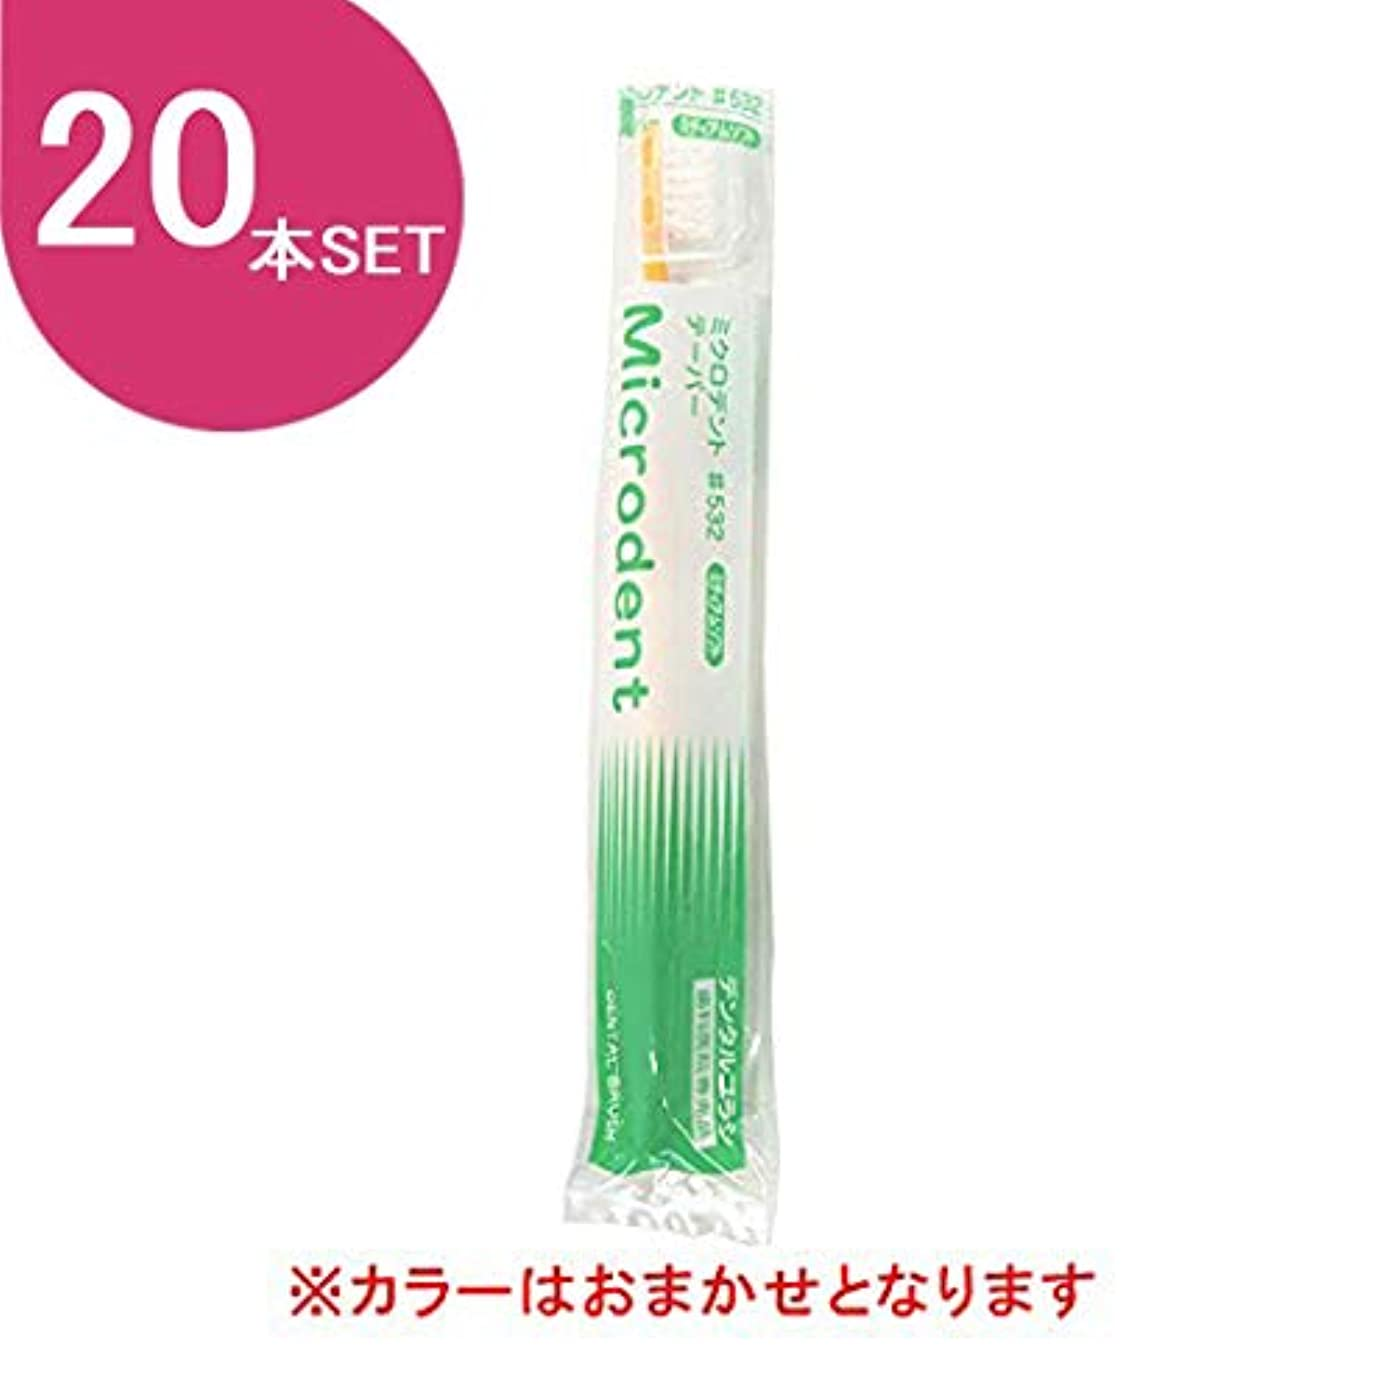 カエル放つ肌寒い白水貿易 ミクロデント (Microdent) 20本 #532 (ミディアム)